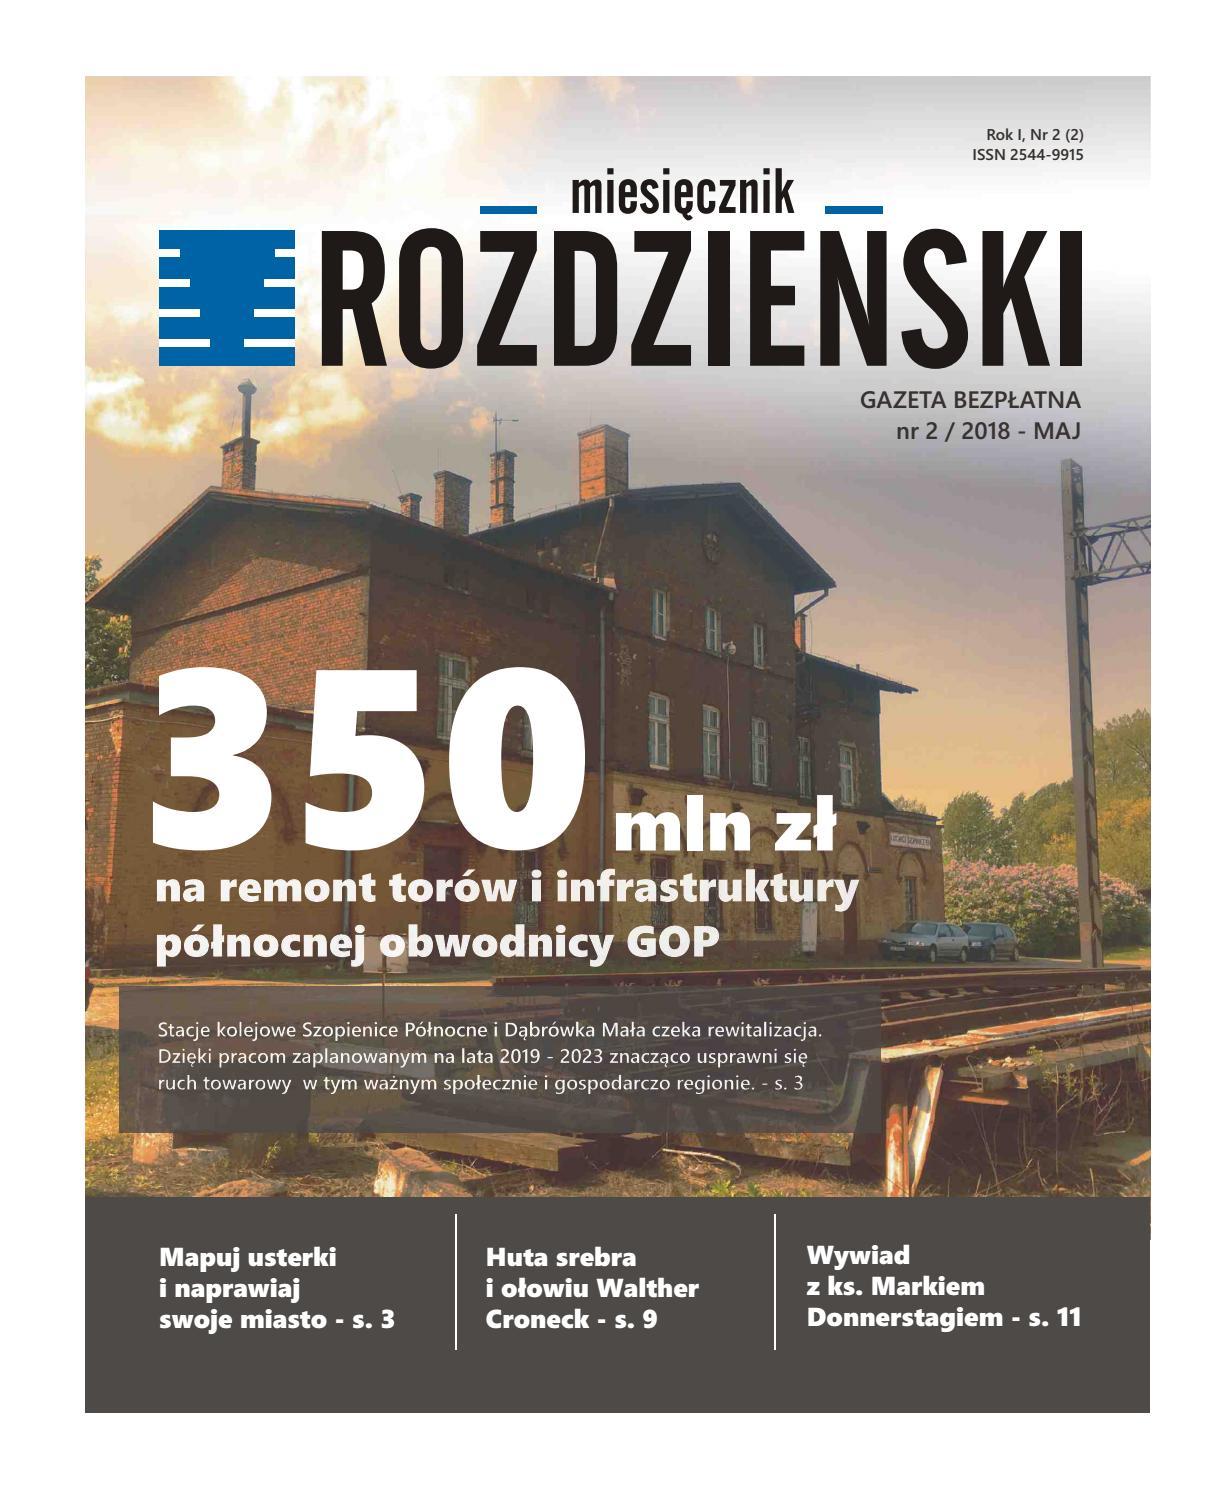 Miesięcznik Roździeński 22018 2 By Miesiecznikrozdzienski